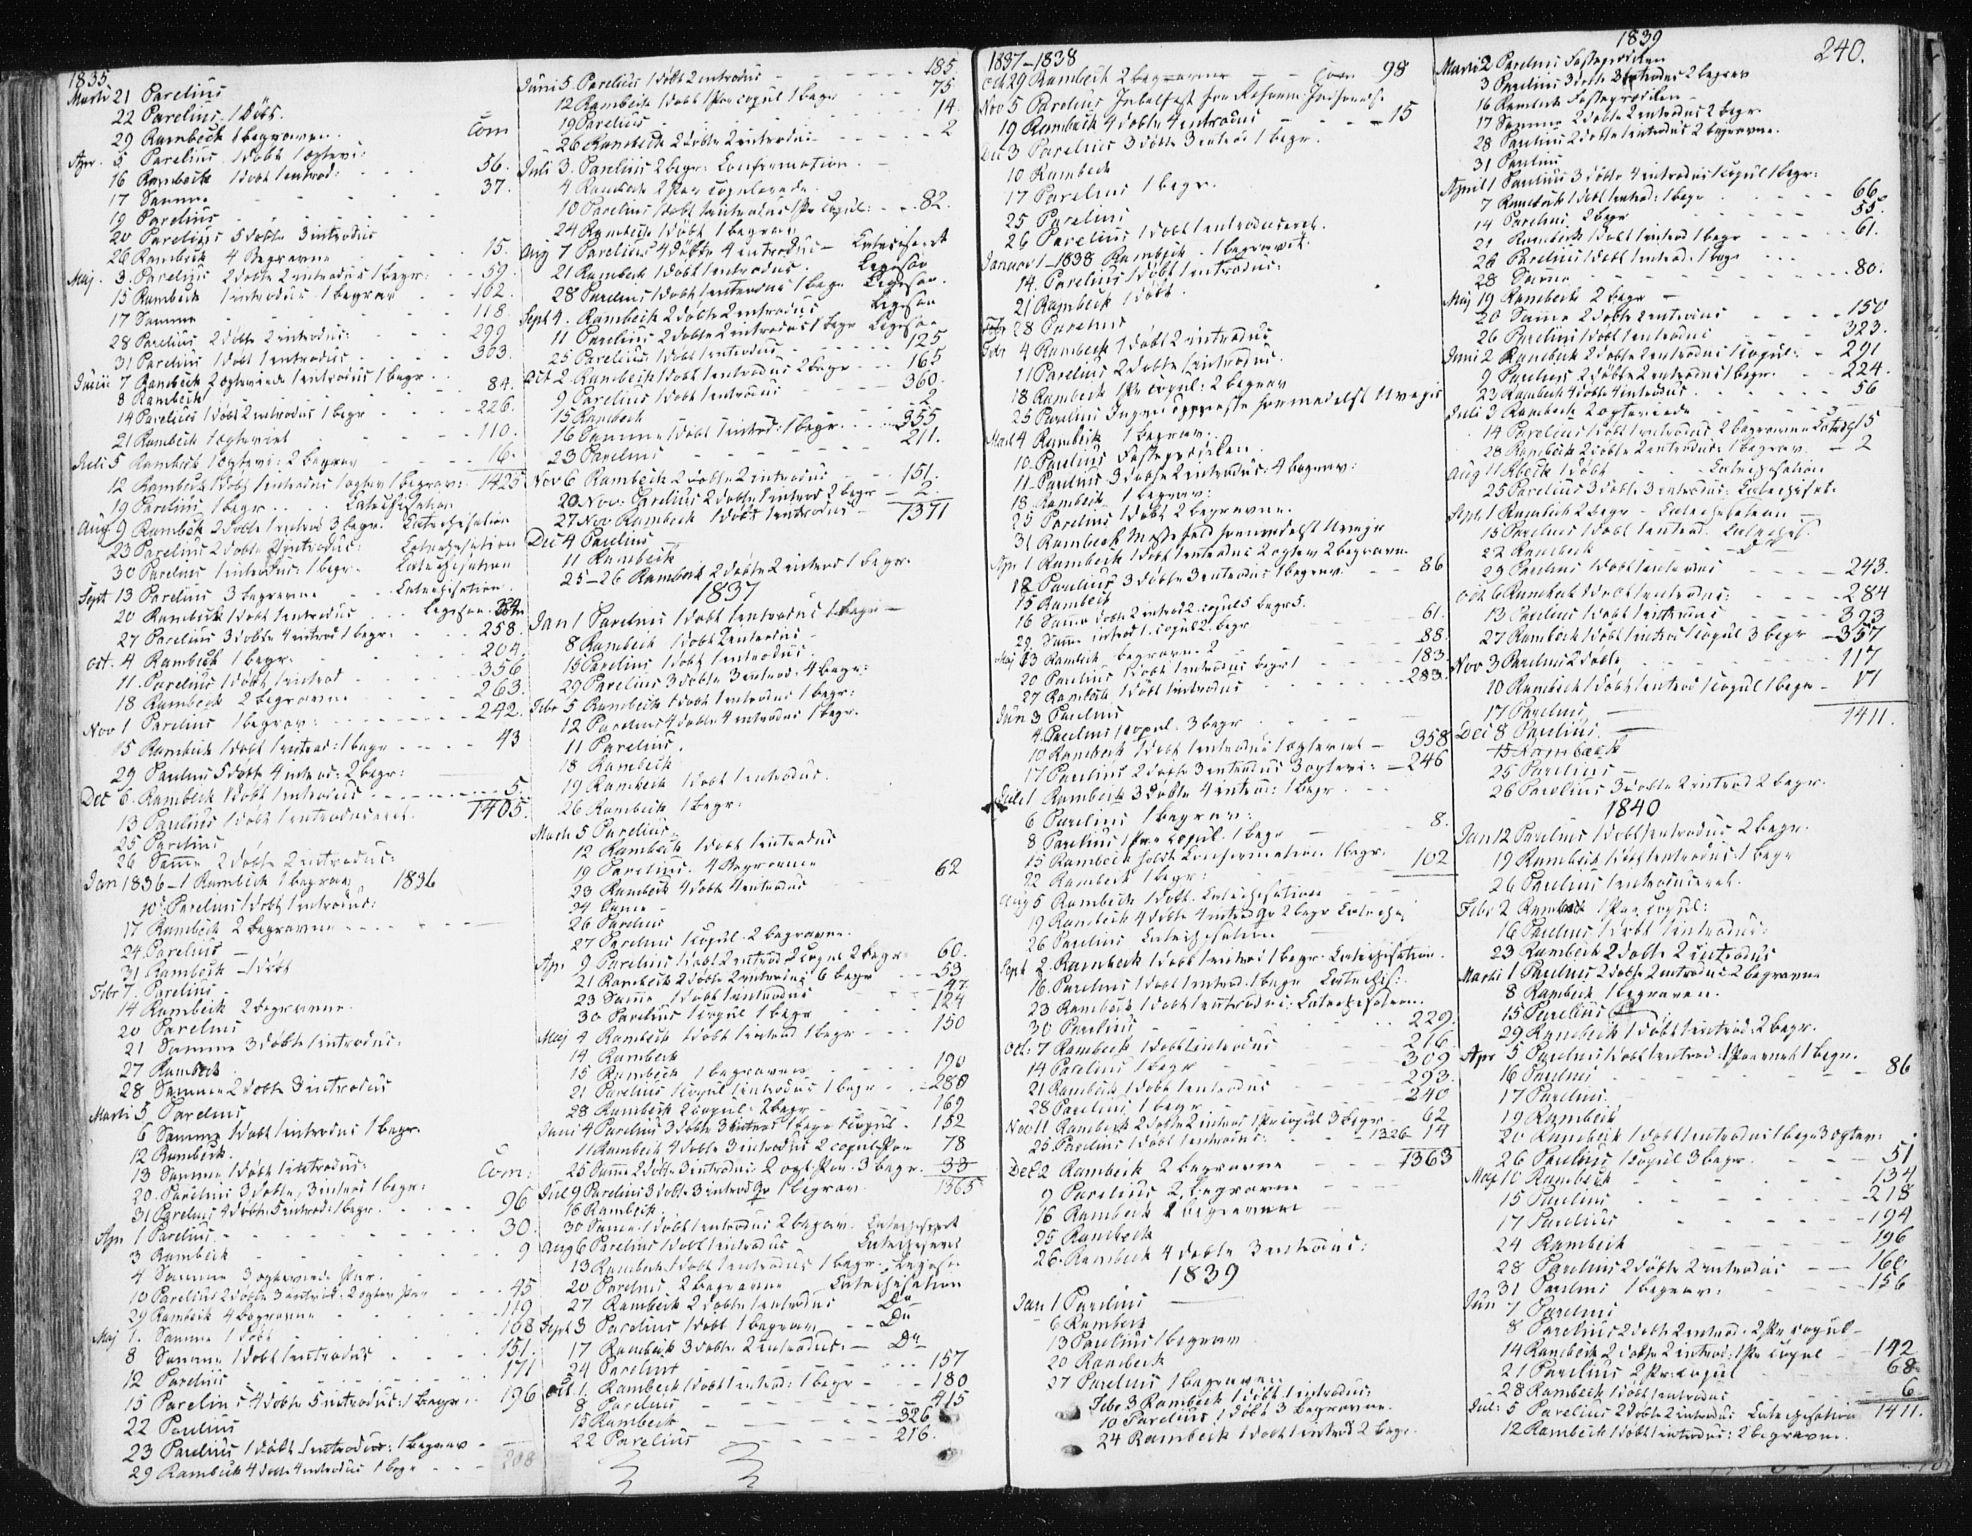 SAT, Ministerialprotokoller, klokkerbøker og fødselsregistre - Sør-Trøndelag, 674/L0869: Ministerialbok nr. 674A01, 1829-1860, s. 240